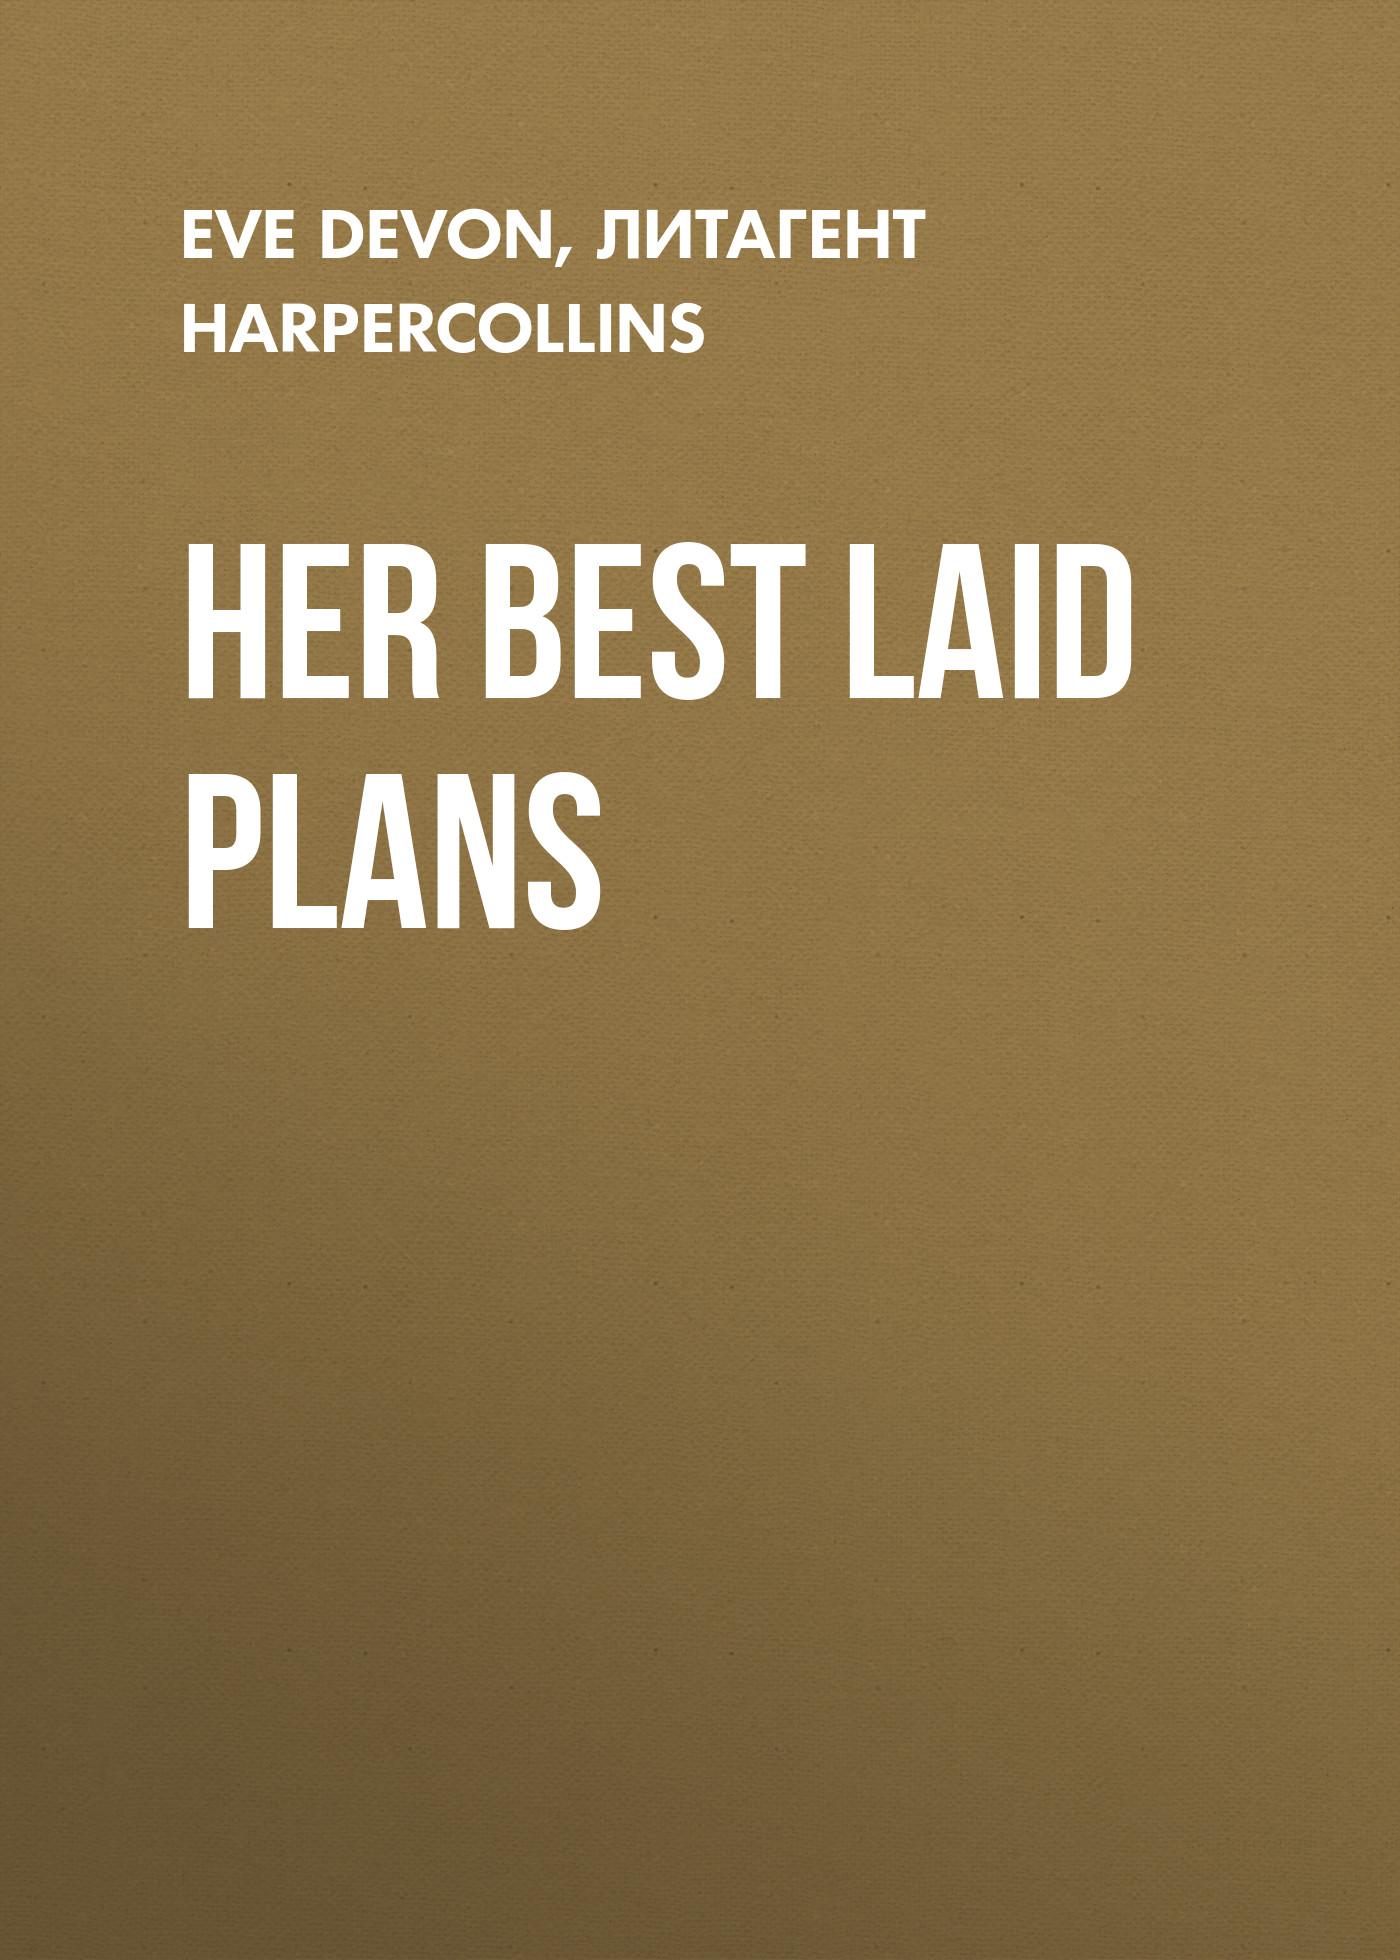 Eve Devon Her Best Laid Plans the best laid plans